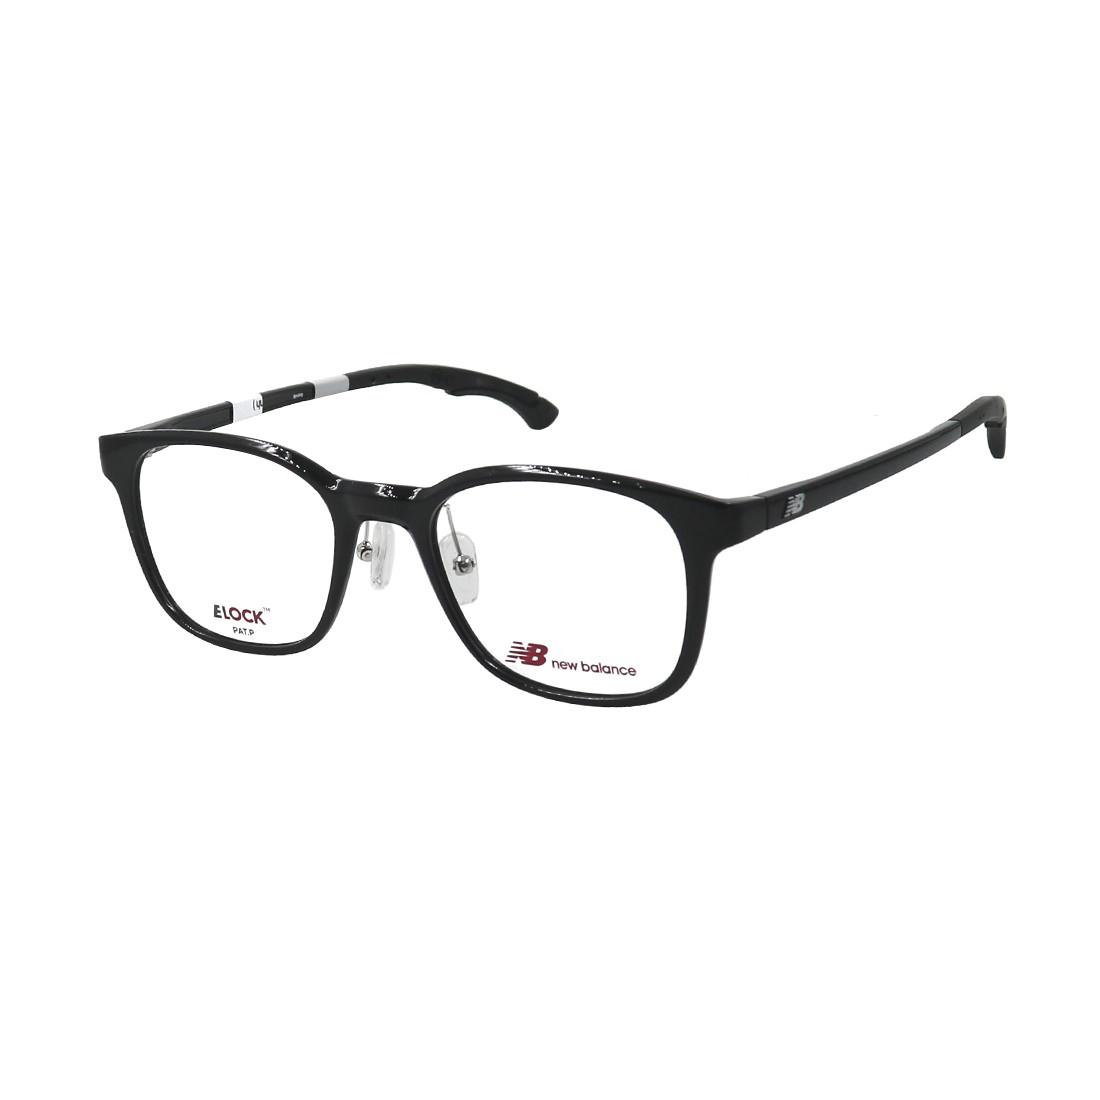 Gọng kính, mắt kính chính hãng Unisex NEW BALANC NB09042 C01 (51.19.150)